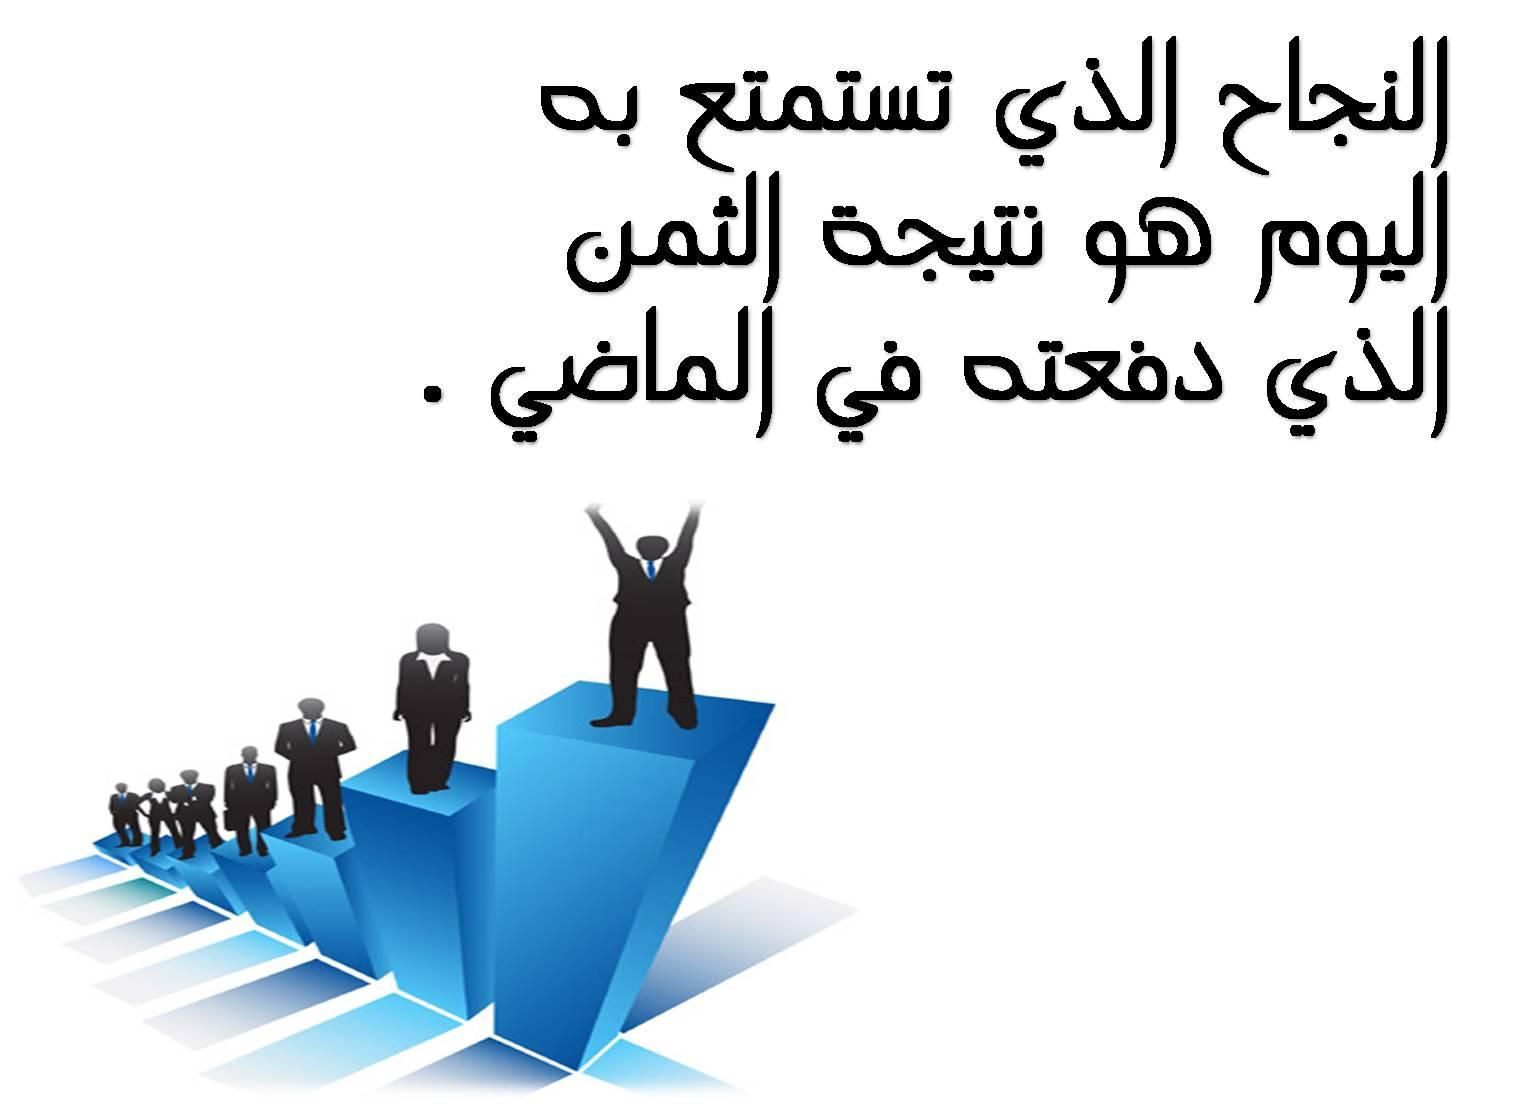 صورة كلمات معبرة عن النجاح والتفوق , صور تعبر عن النجاح بالكلمات